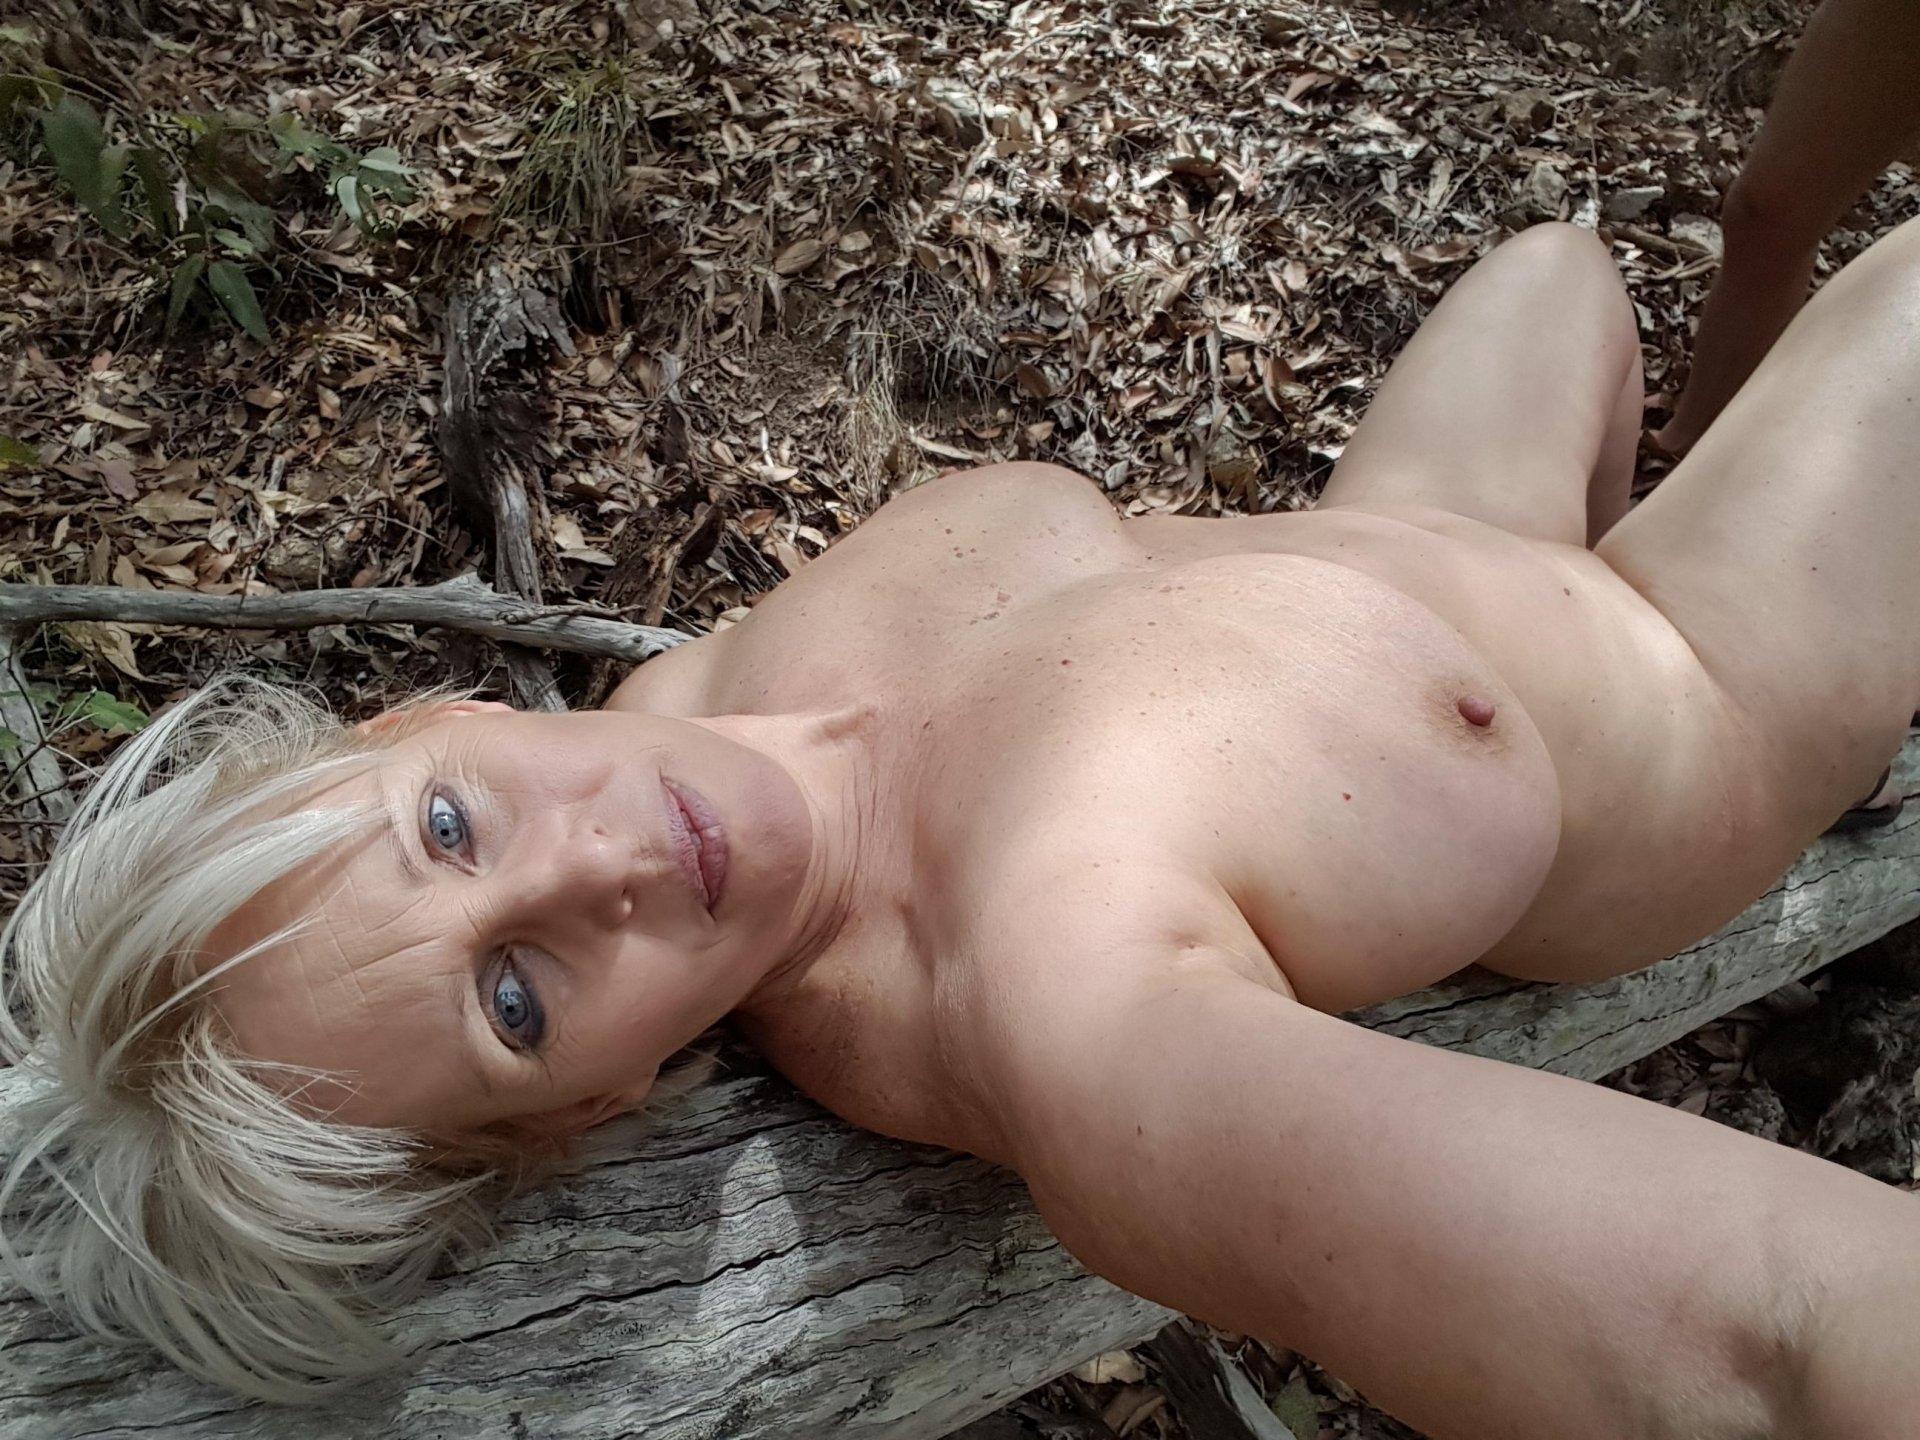 m0stbeautifulGirl from Bridgend,United Kingdom